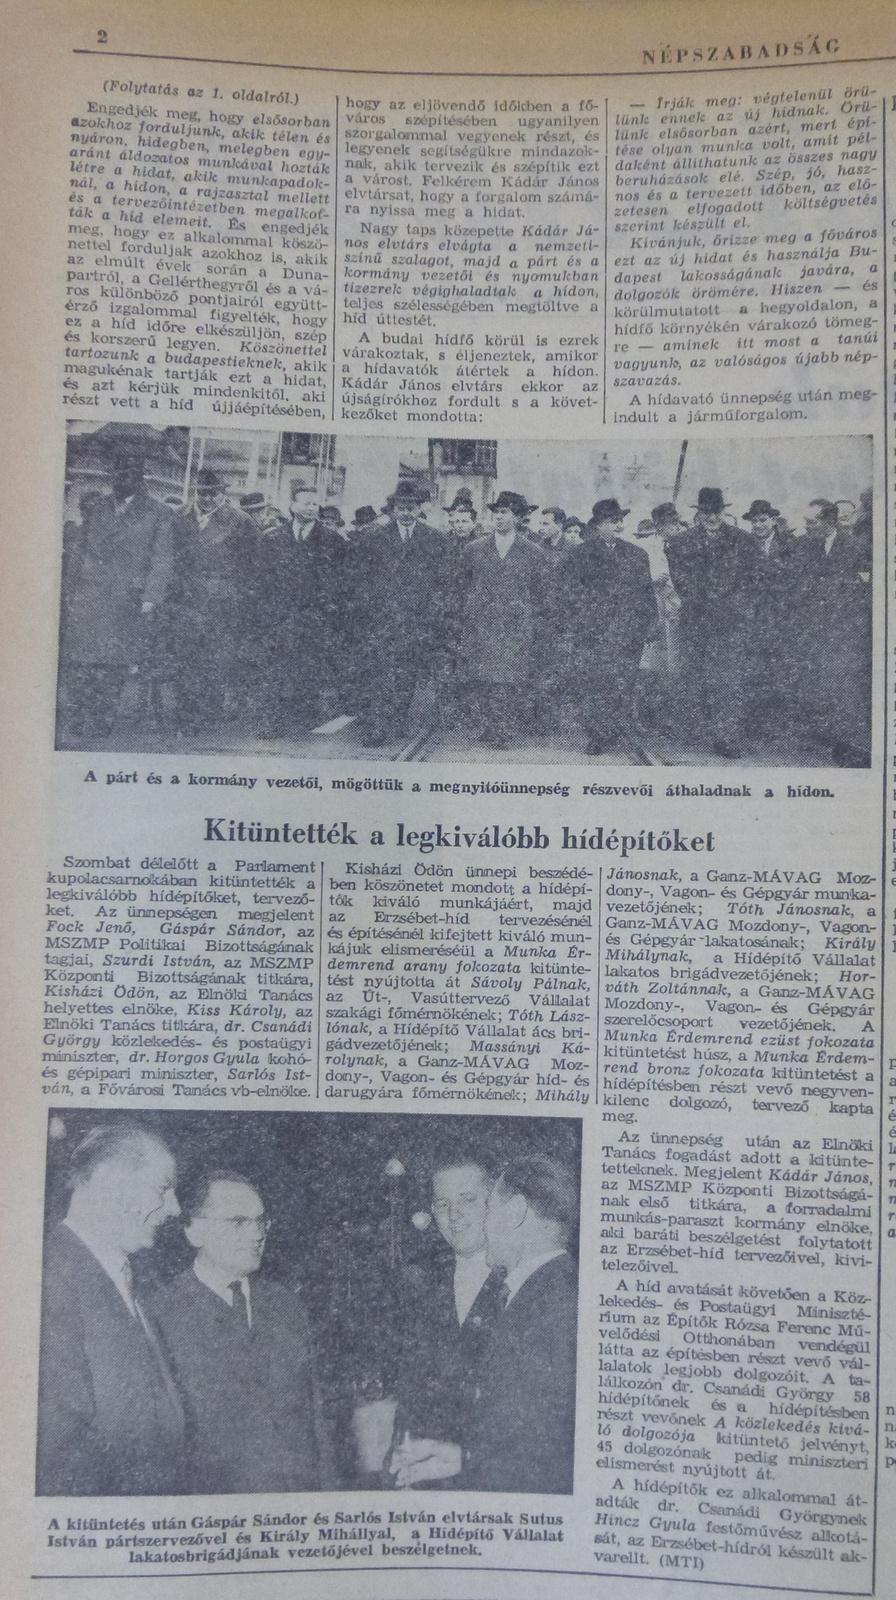 ErzsebetHid-19641122-Nepszabadsag-02